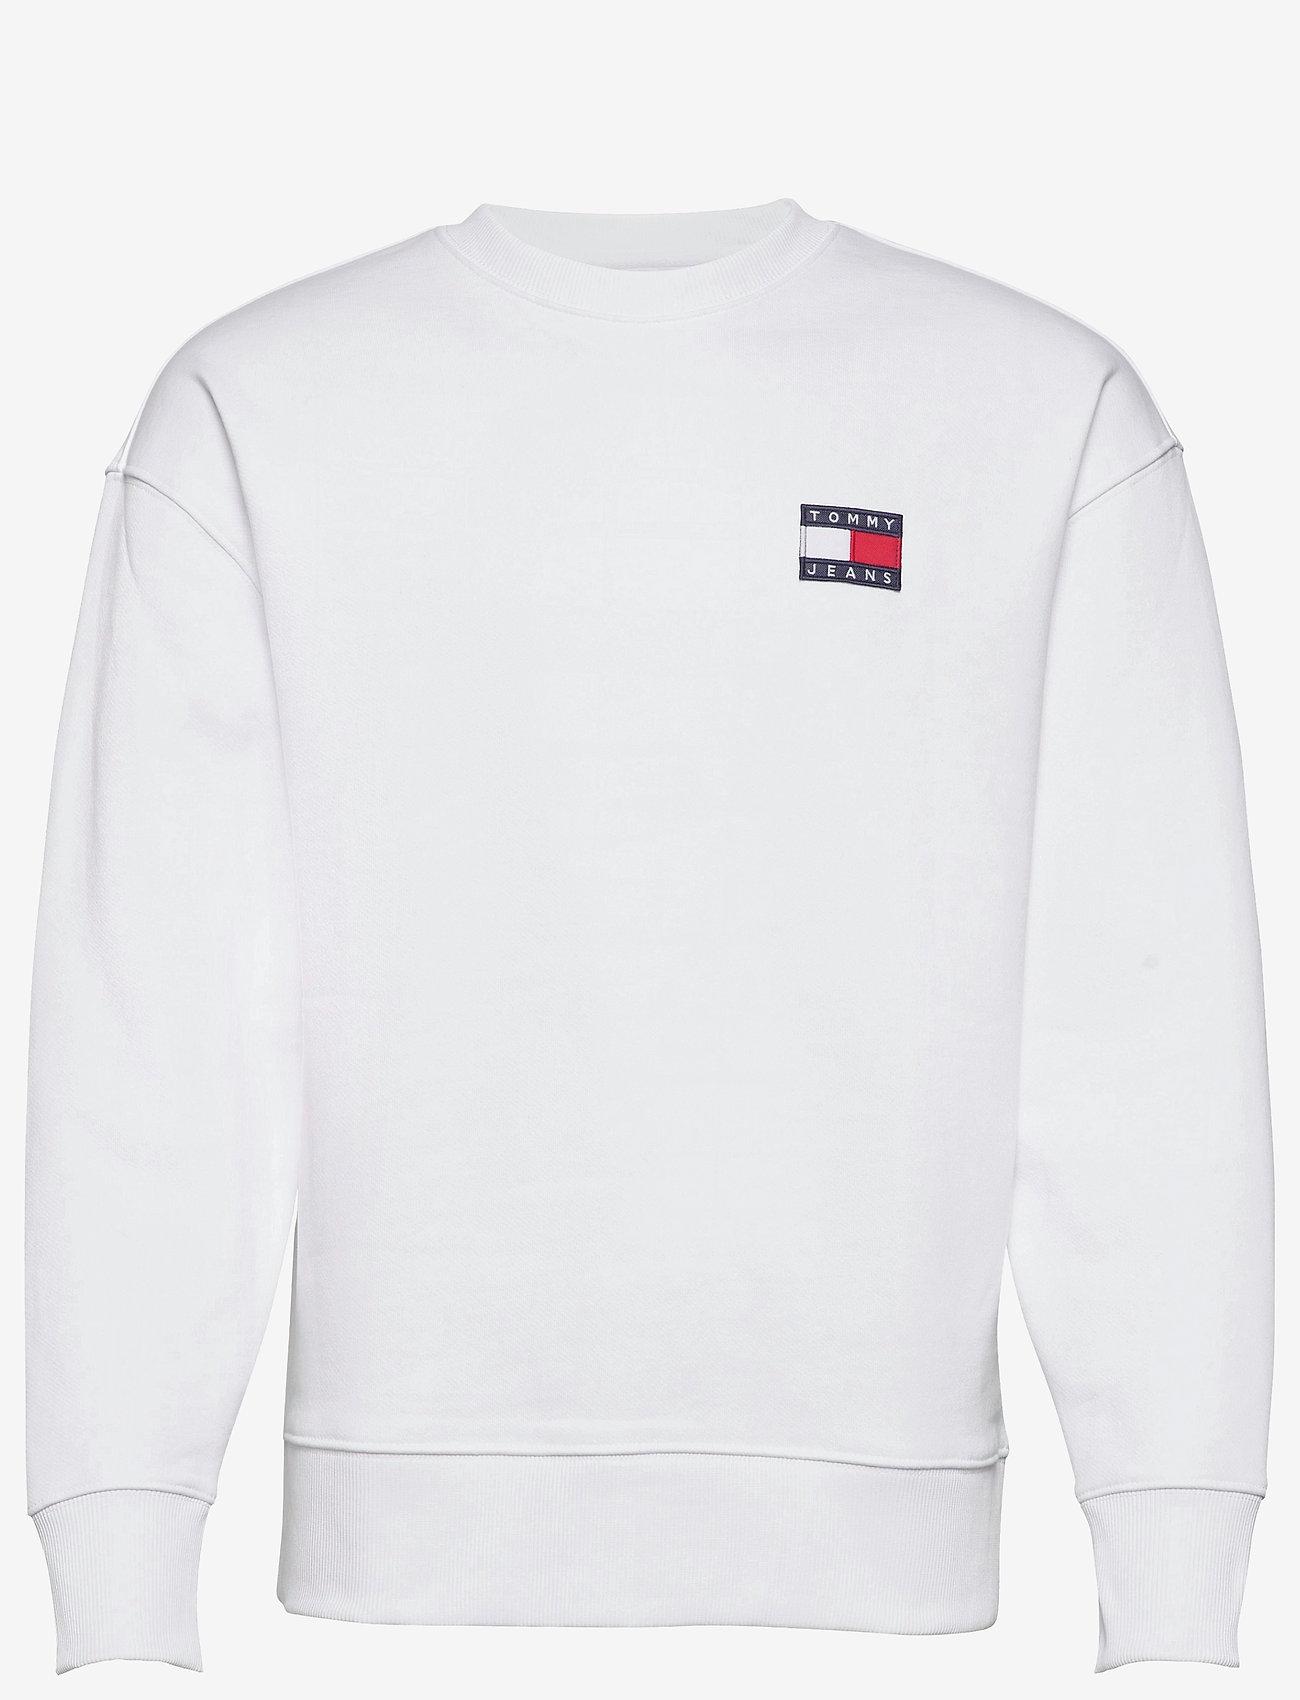 Tommy Jeans - TJM TOMMY BADGE CREW - kläder - white - 0